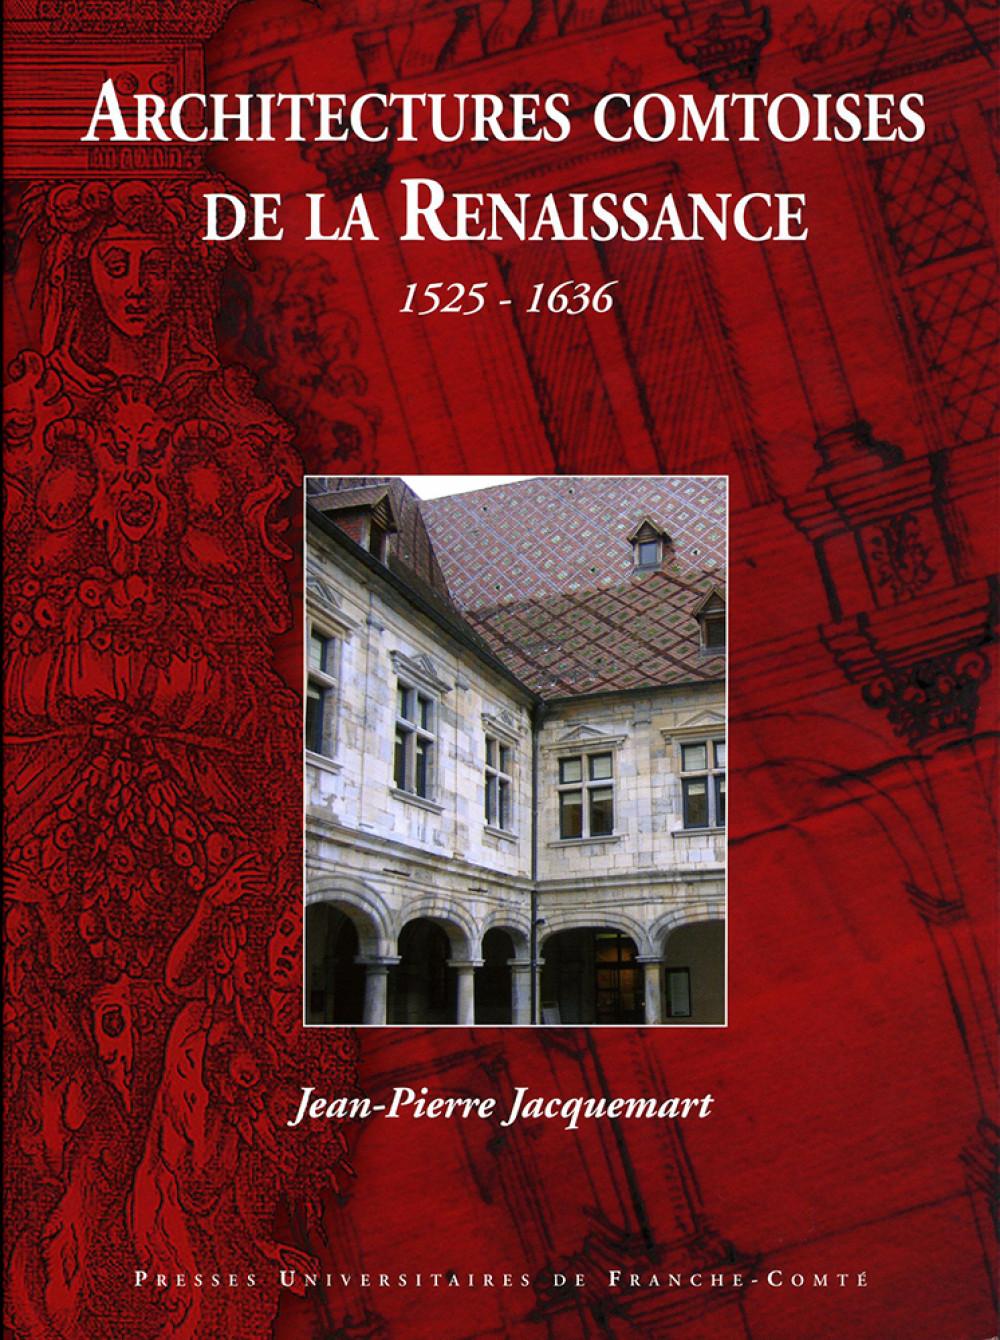 Architectures comtoises de la Renaissance 1525-1636